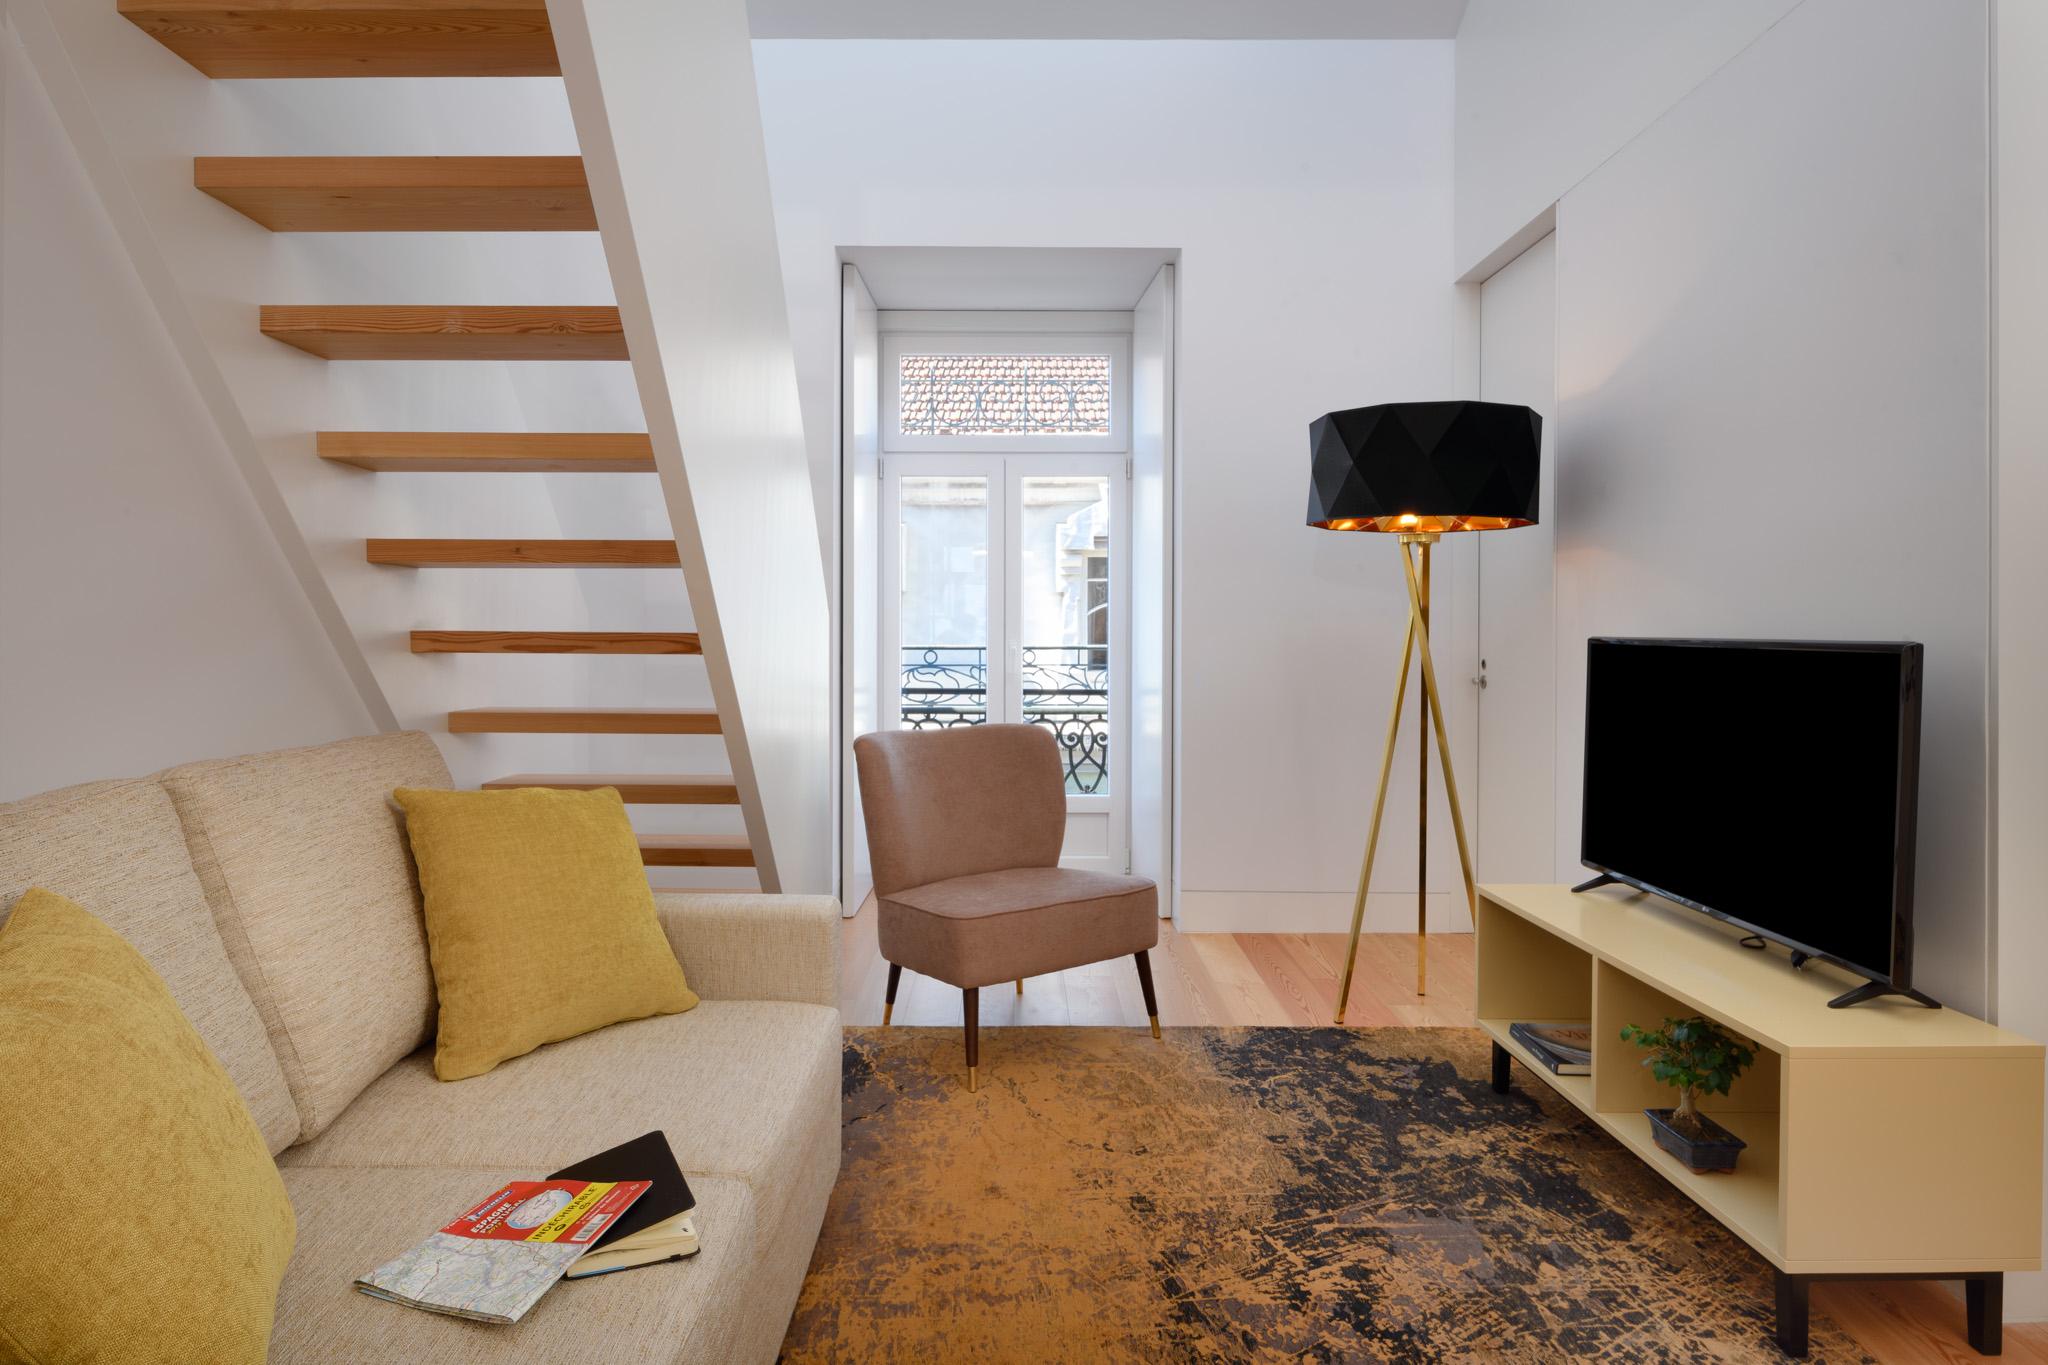 25-5C - living room.jpg